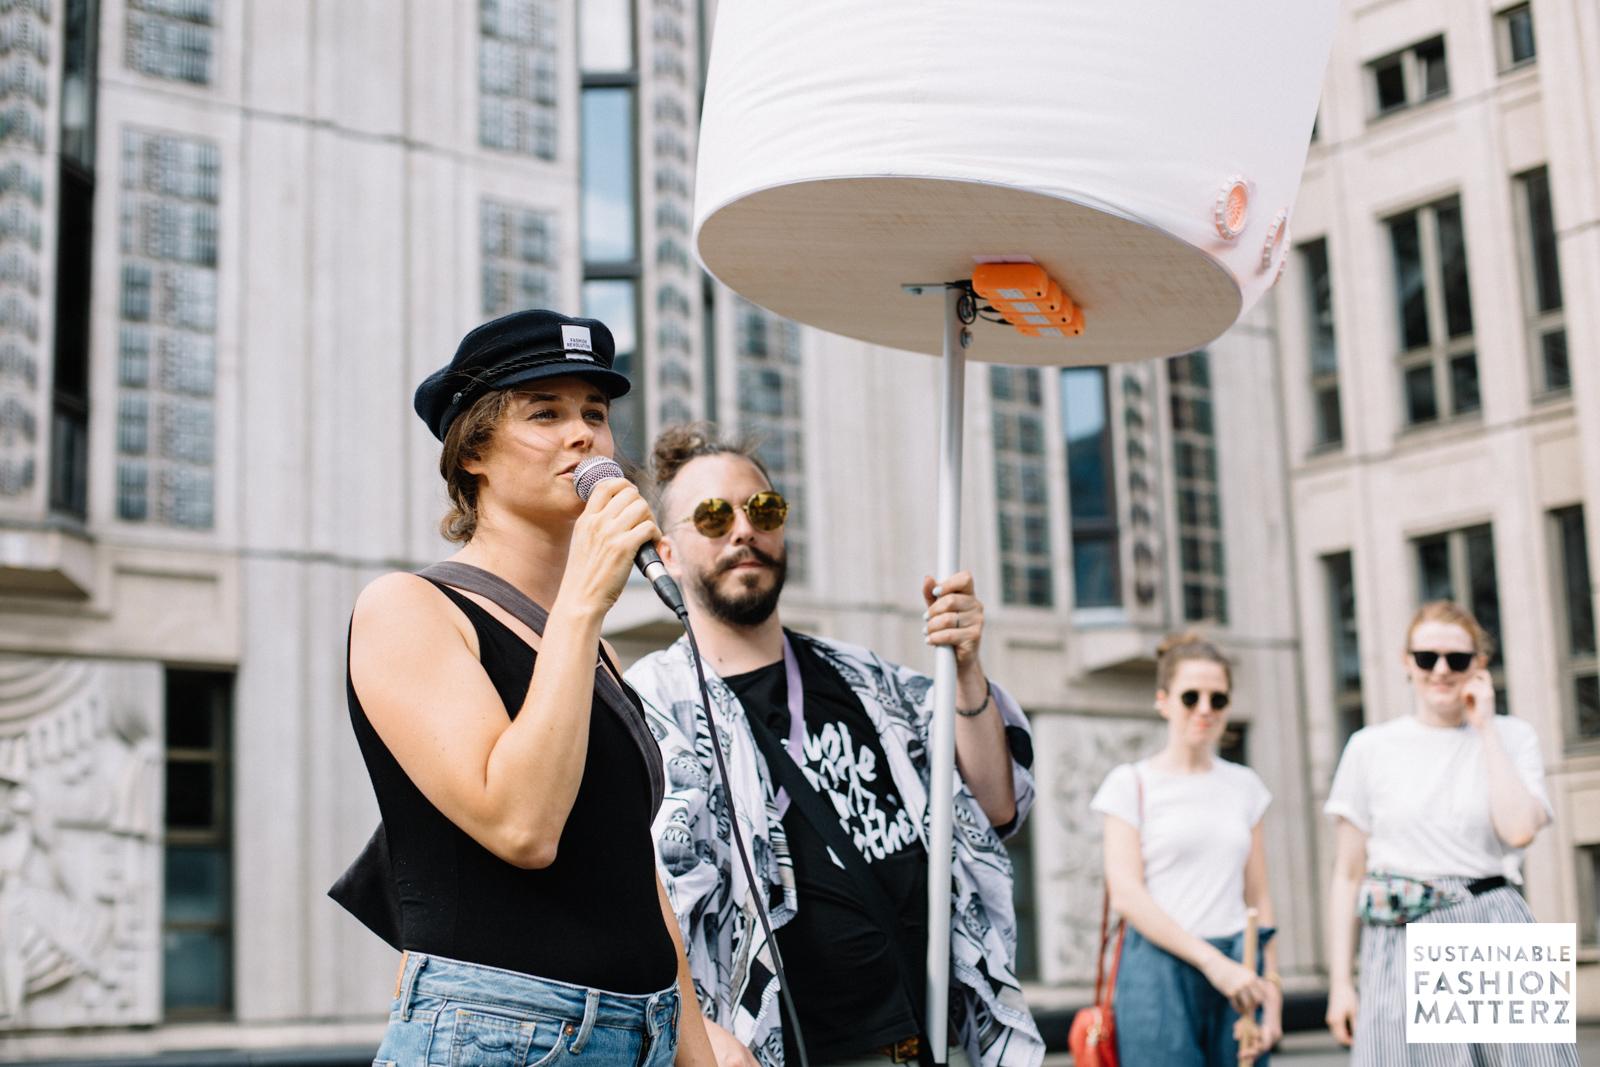 fashion-revolution-berlin-2019-31.jpg